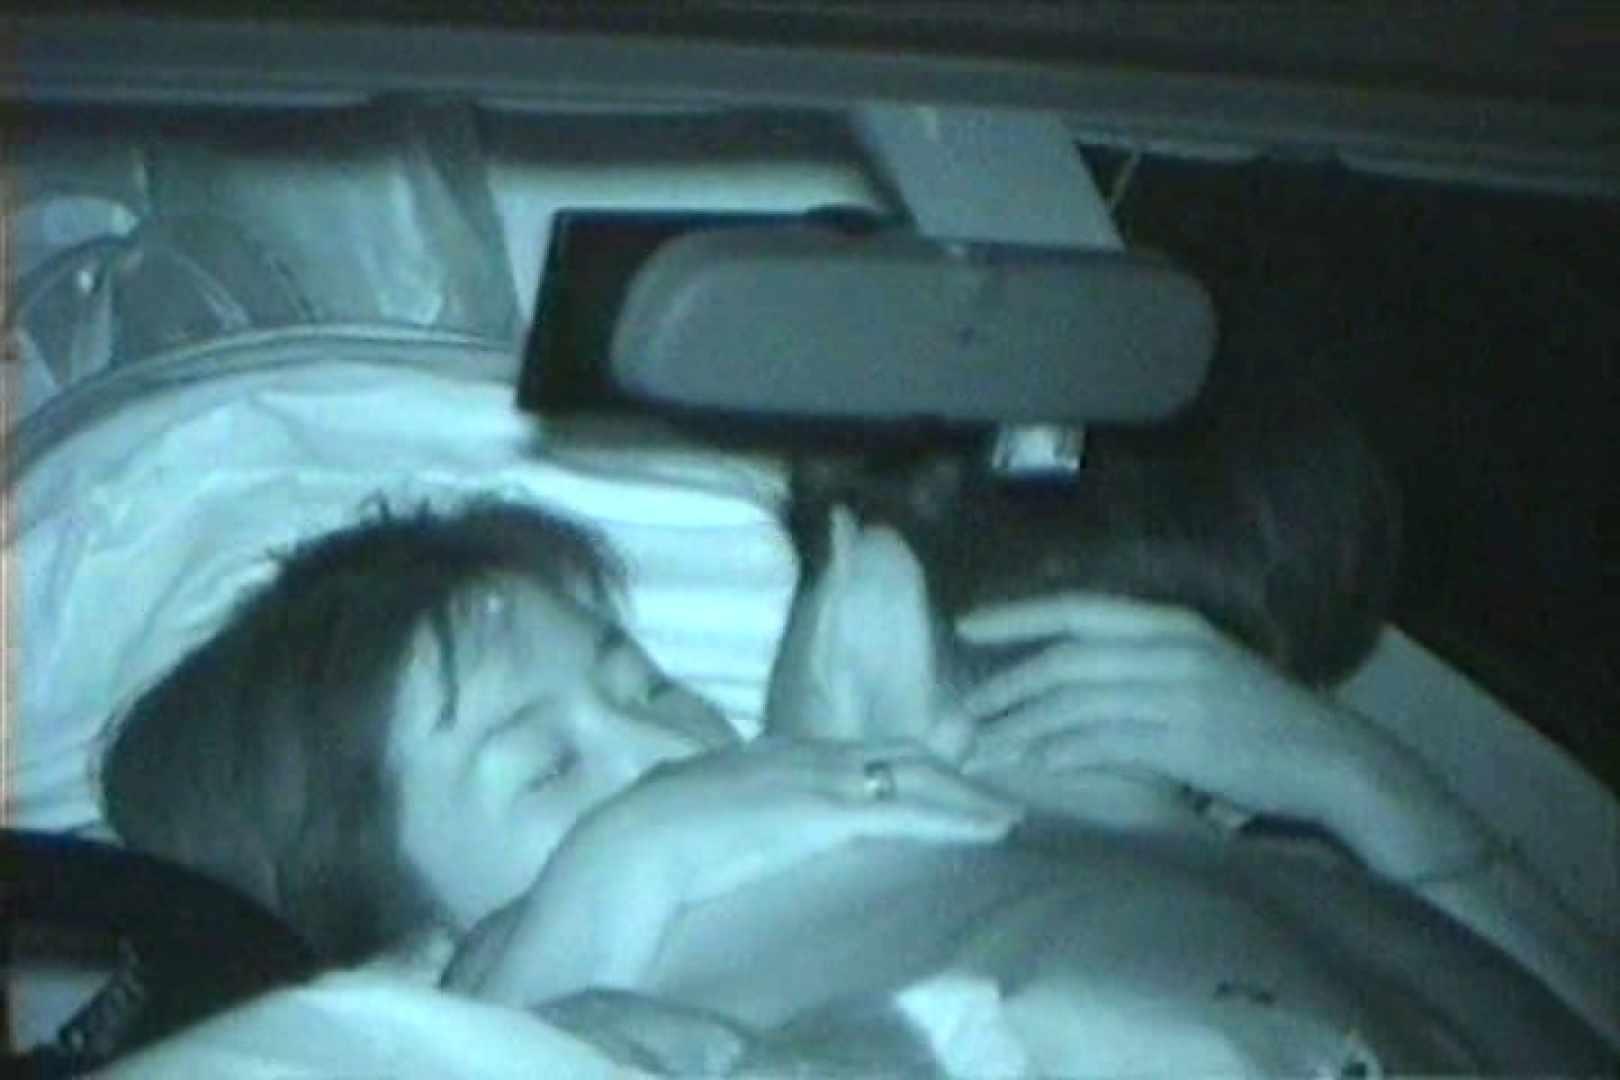 車の中はラブホテル 無修正版  Vol.27 盗撮特集 | 車の中のカップル  58画像 1